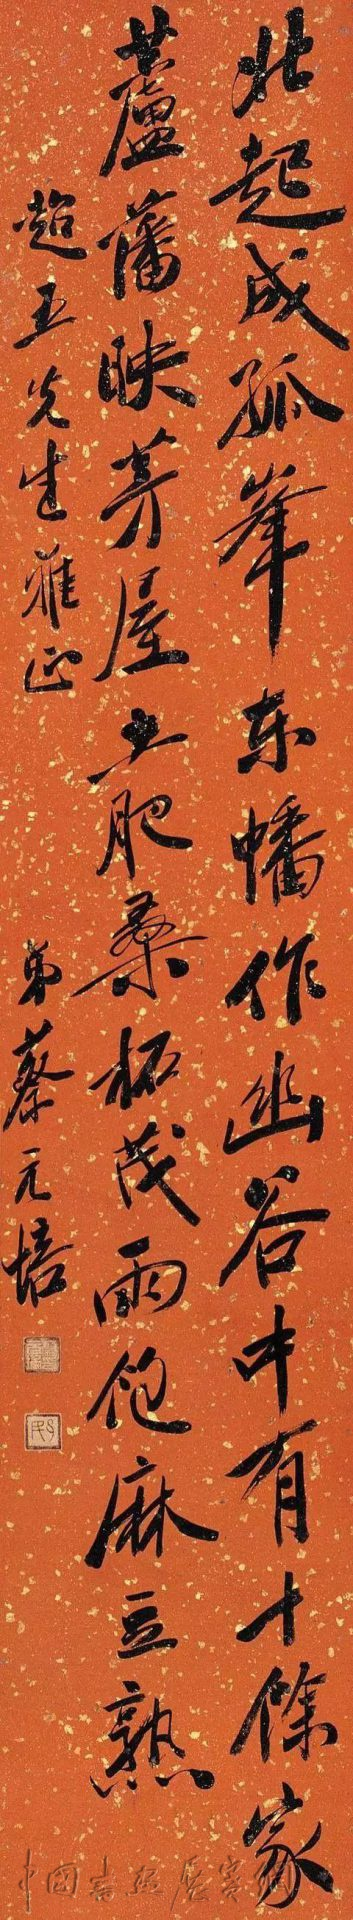 学界泰斗 昌明书法 ——蔡元培先生手迹鉴赏